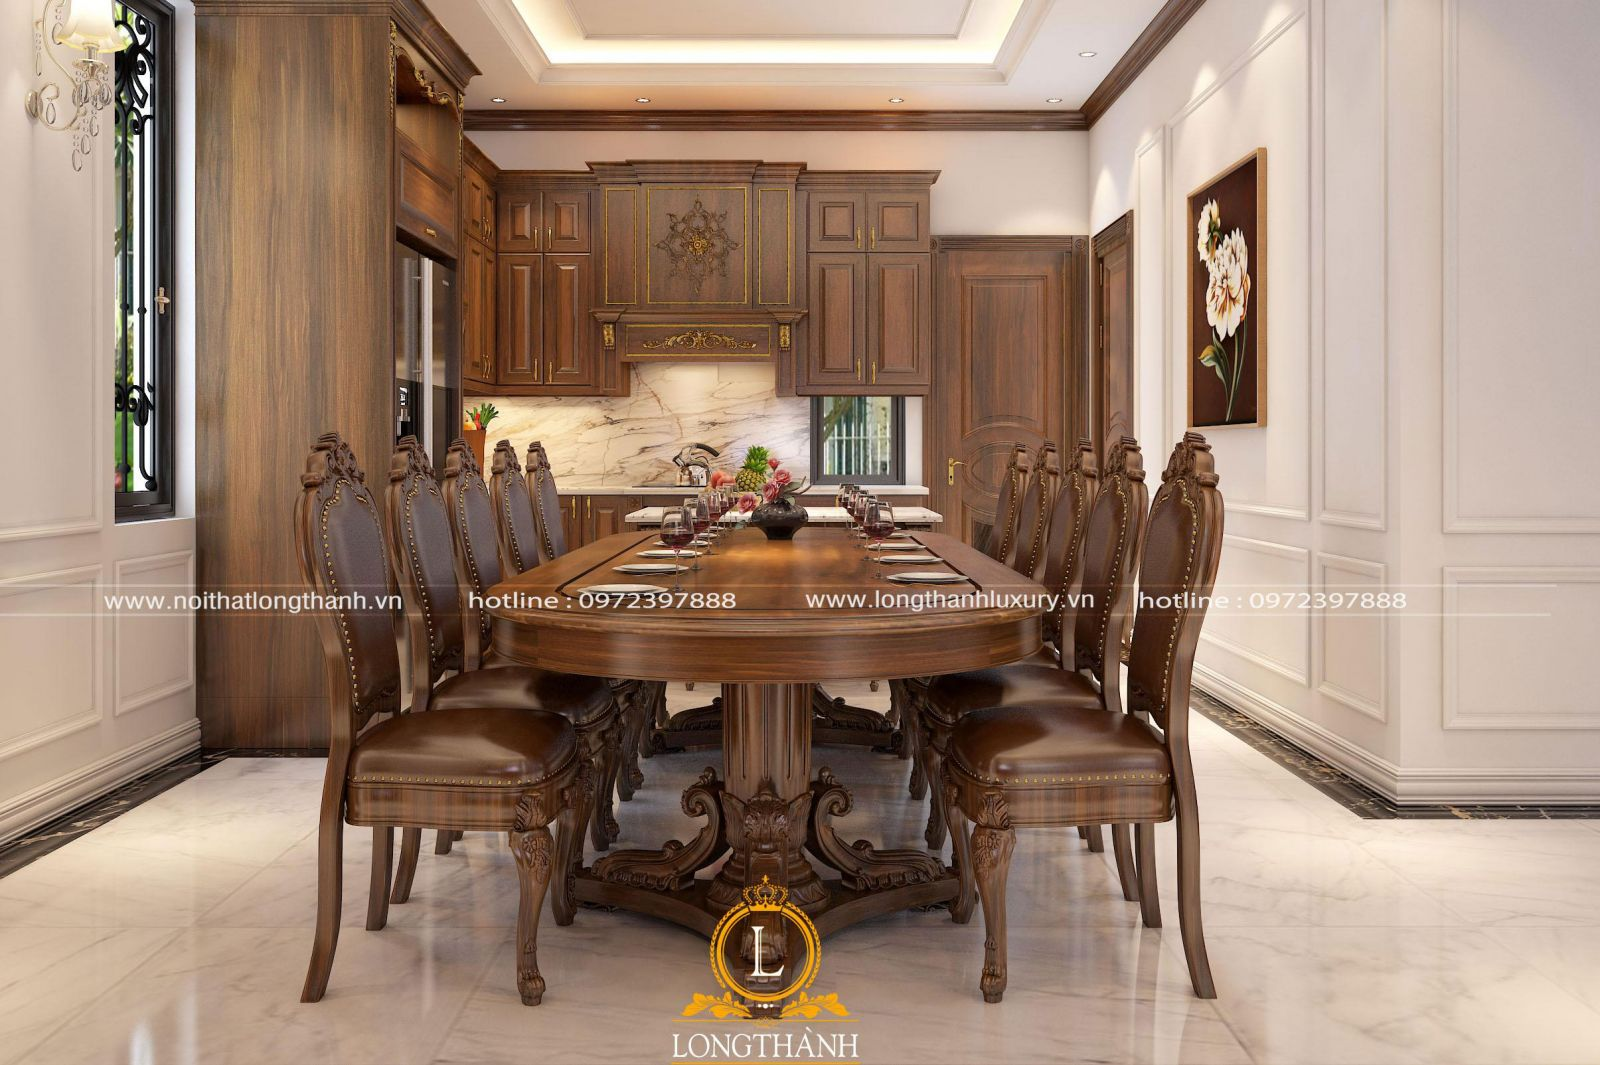 Bàn ghế ăn gỗ tự nhiên cao cấp với đa dạng kiểu dáng và kích thước